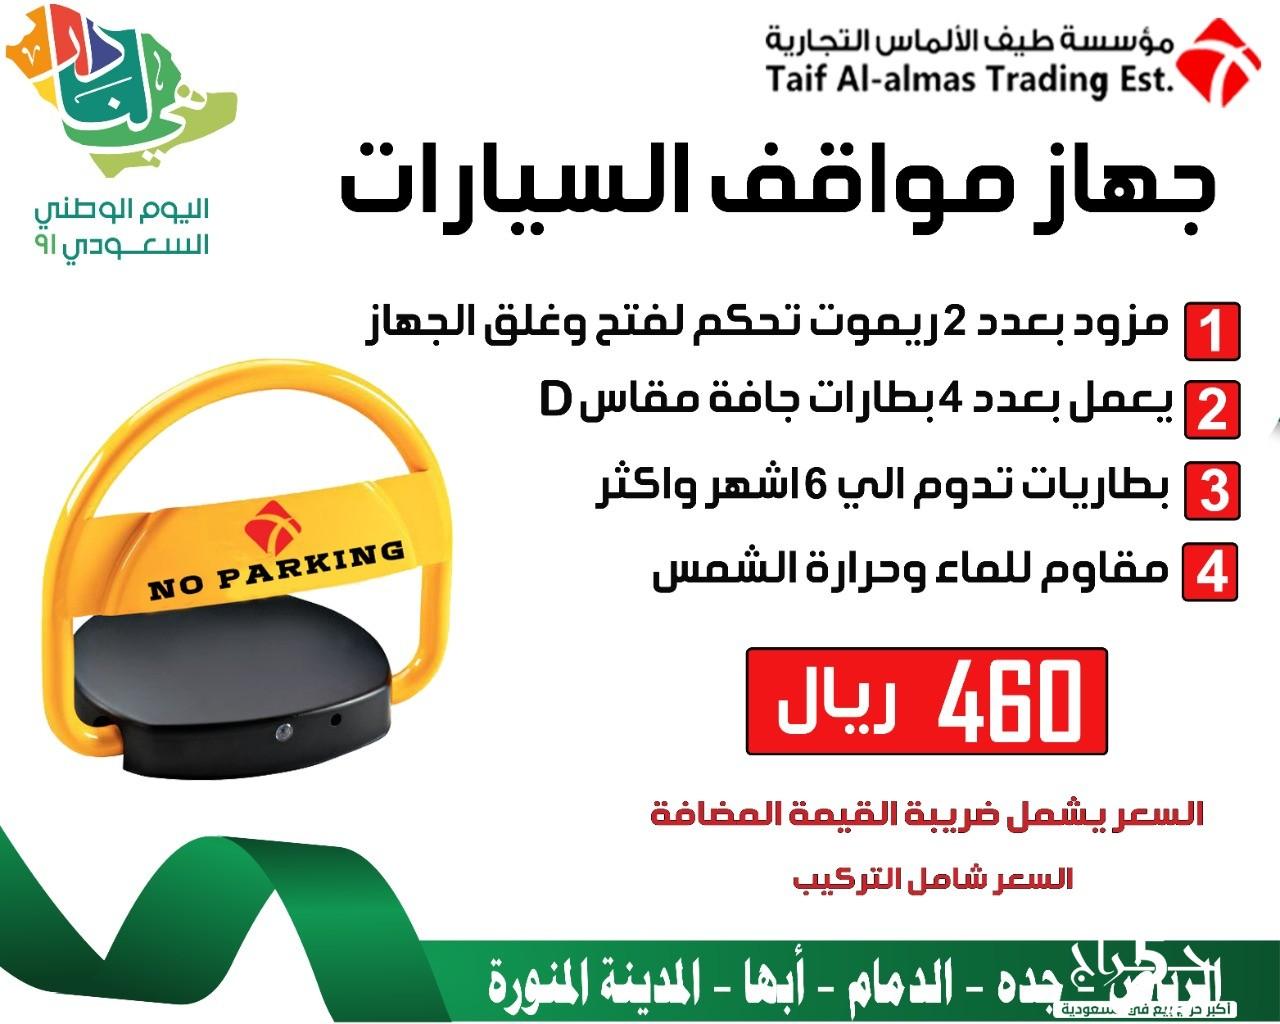 عروض بمناسبة العيد الوطني علي حاجز مواقف سيارات مصد سيارات لفترة محدودة